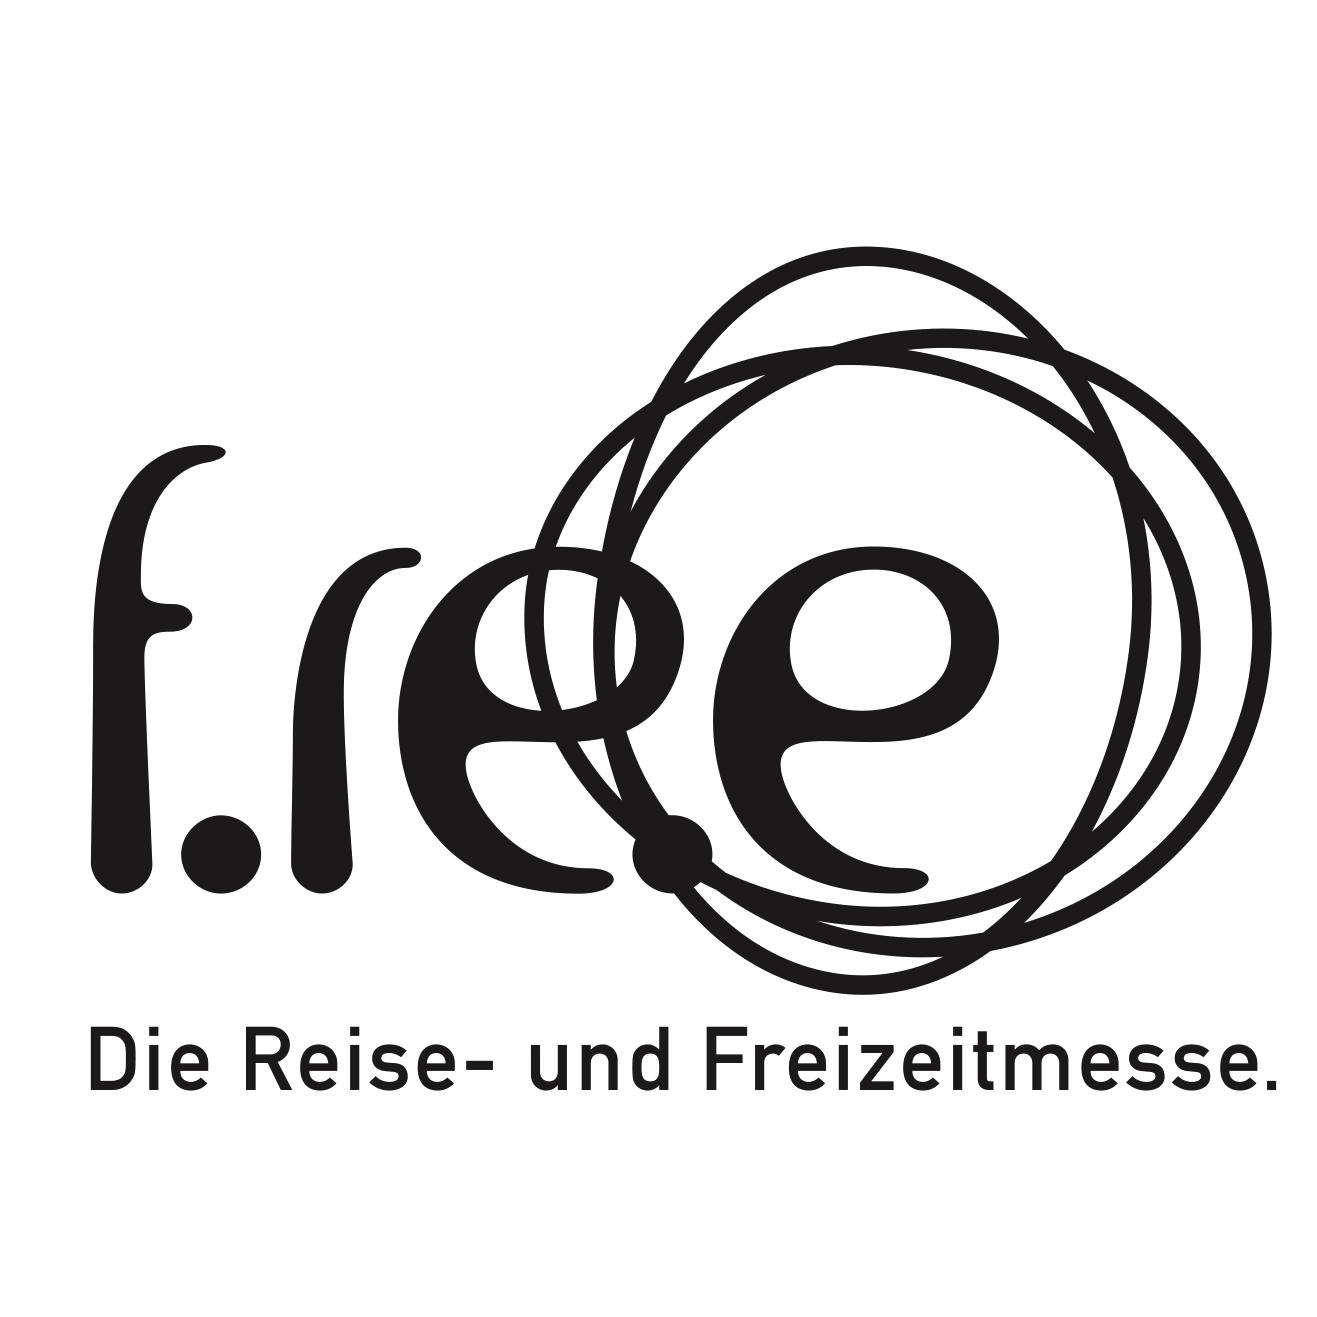 f.re.e – Die Reise- und Freizeitmesse.